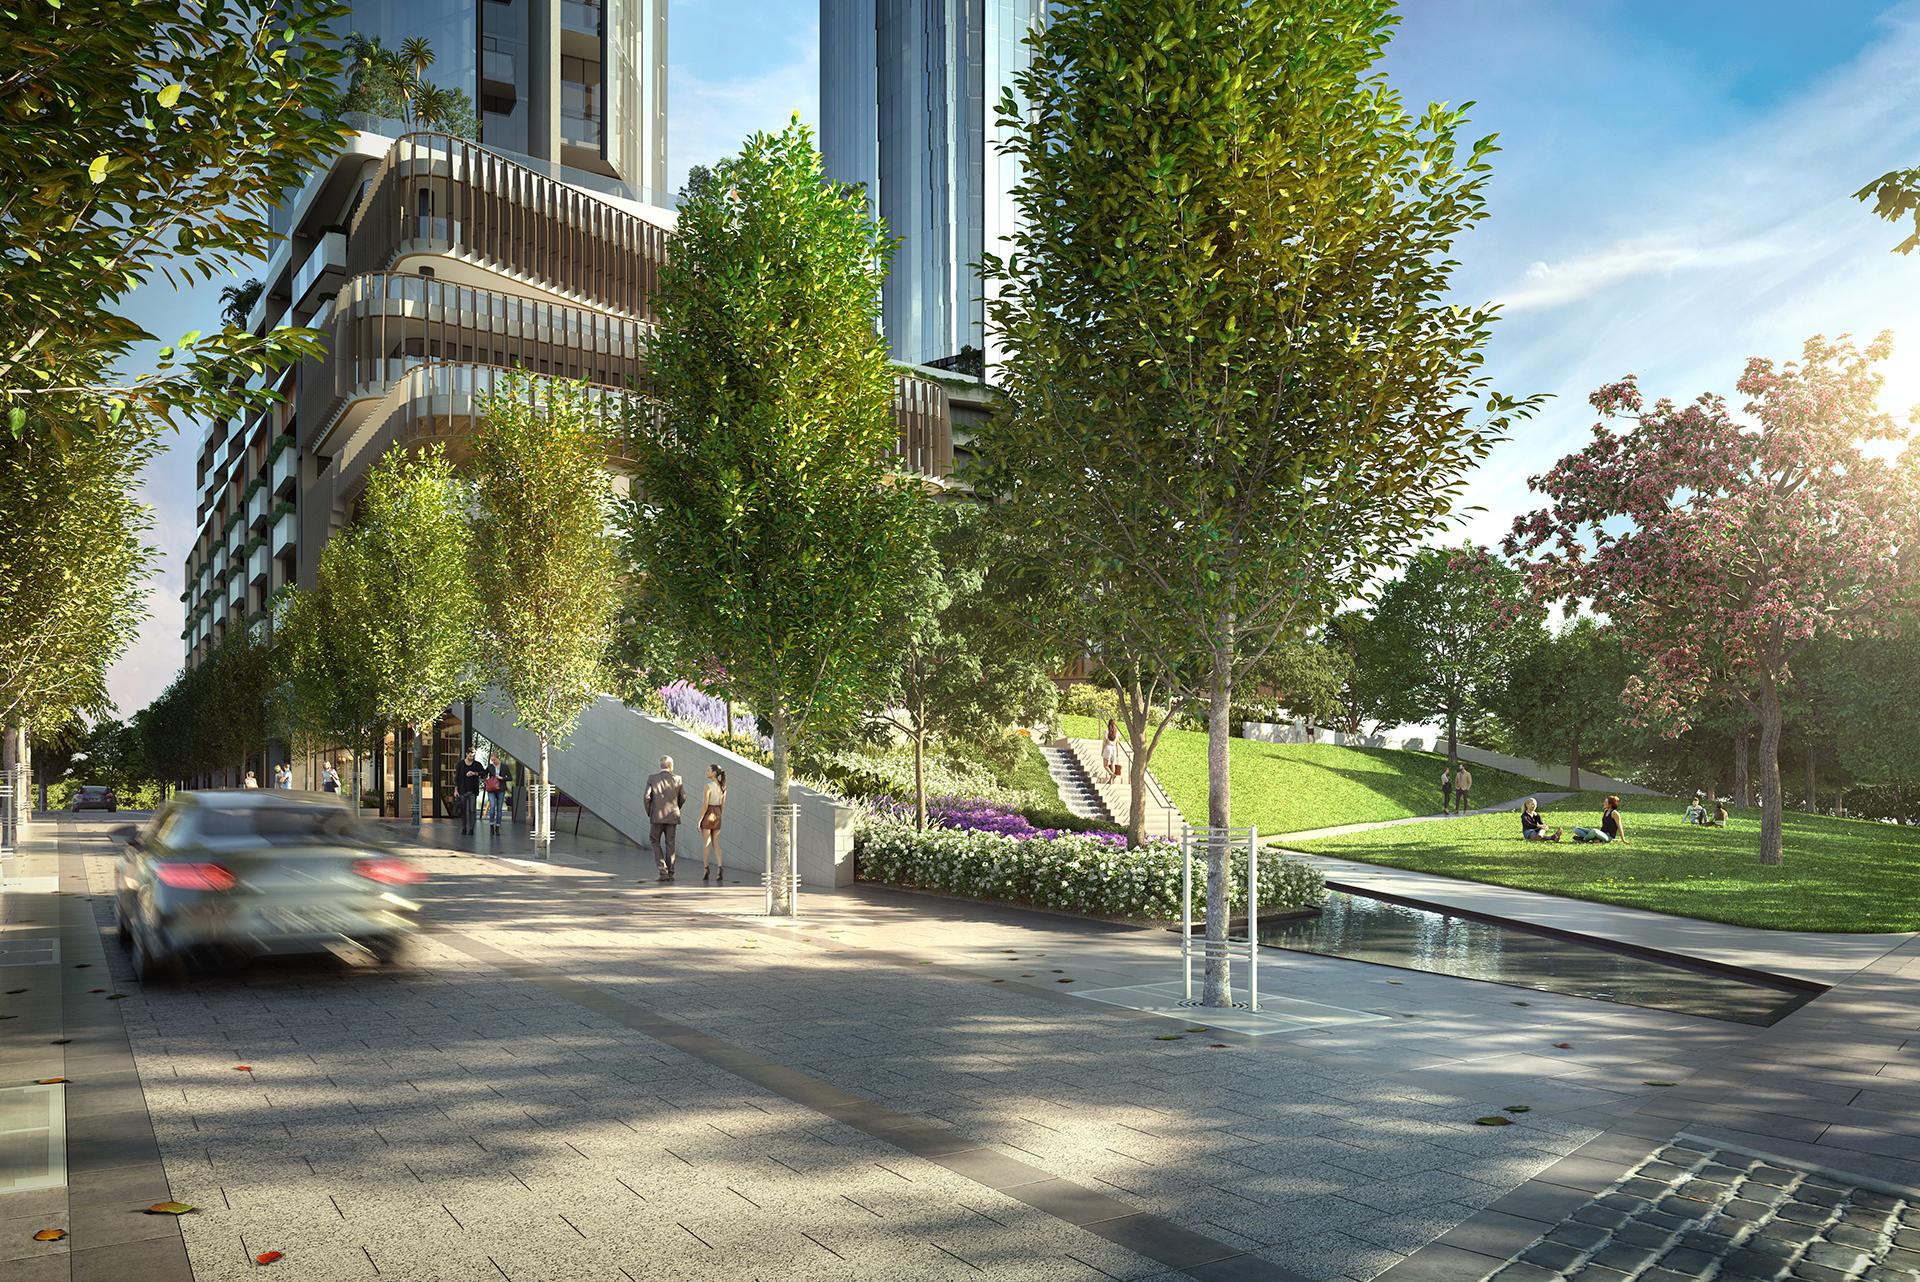 OSKH9386 Melbourne Square EA05 Park Boulevard Entrance